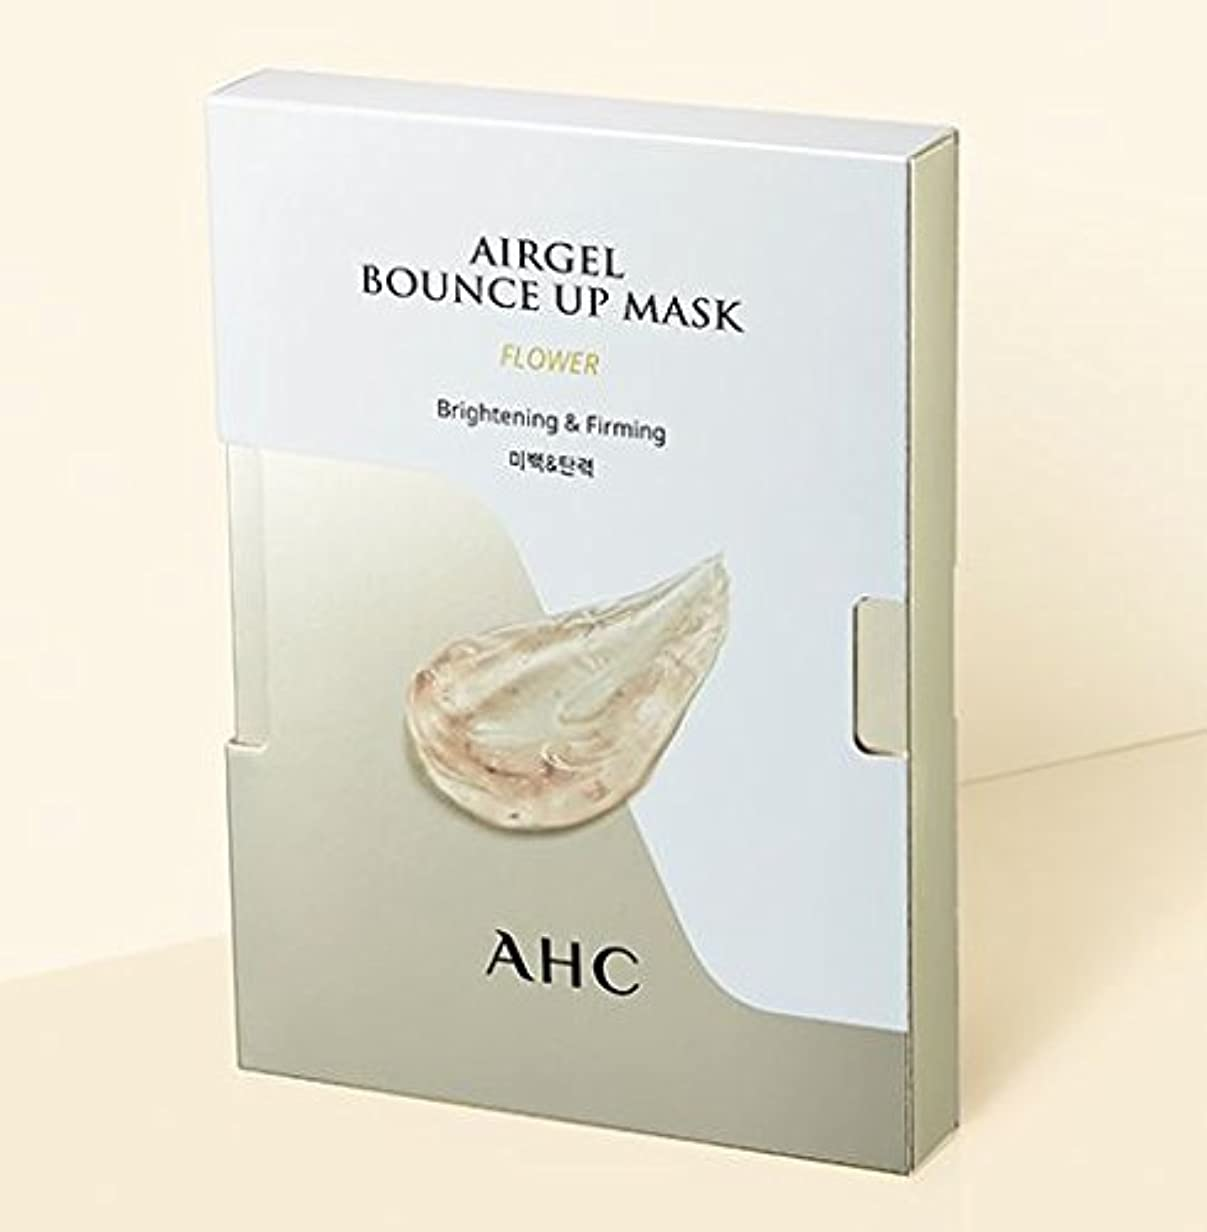 寄り添う急ぐ肌寒い[A.H.C] Airgel Bounce Up Mask FLOWER (Brightening&Firming)30g*5sheet/フラワーエアゲルマスク30g*5枚 [並行輸入品]